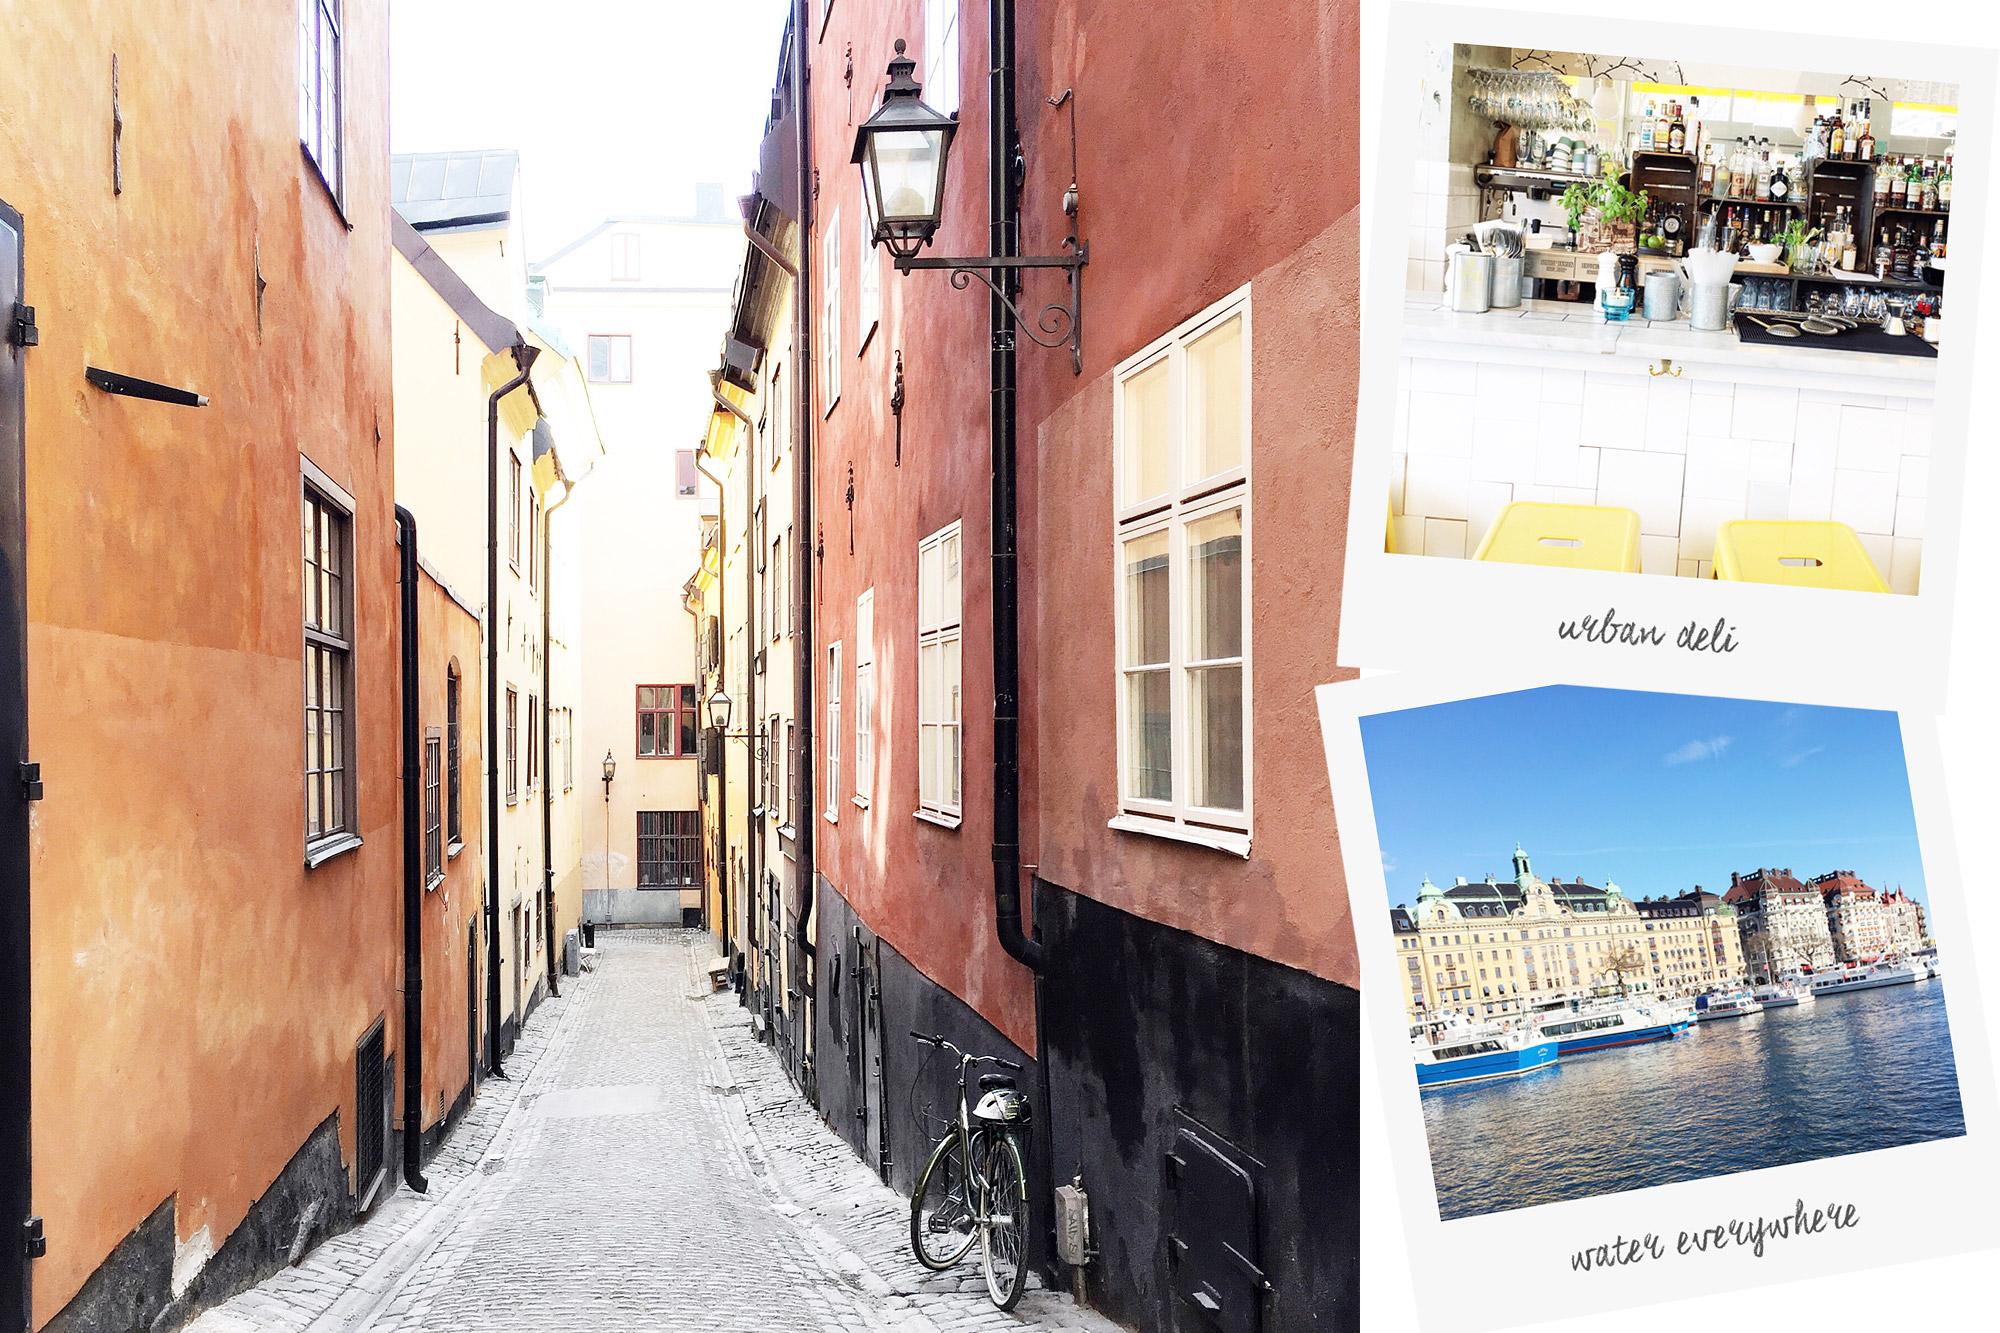 Stockholm over Easter